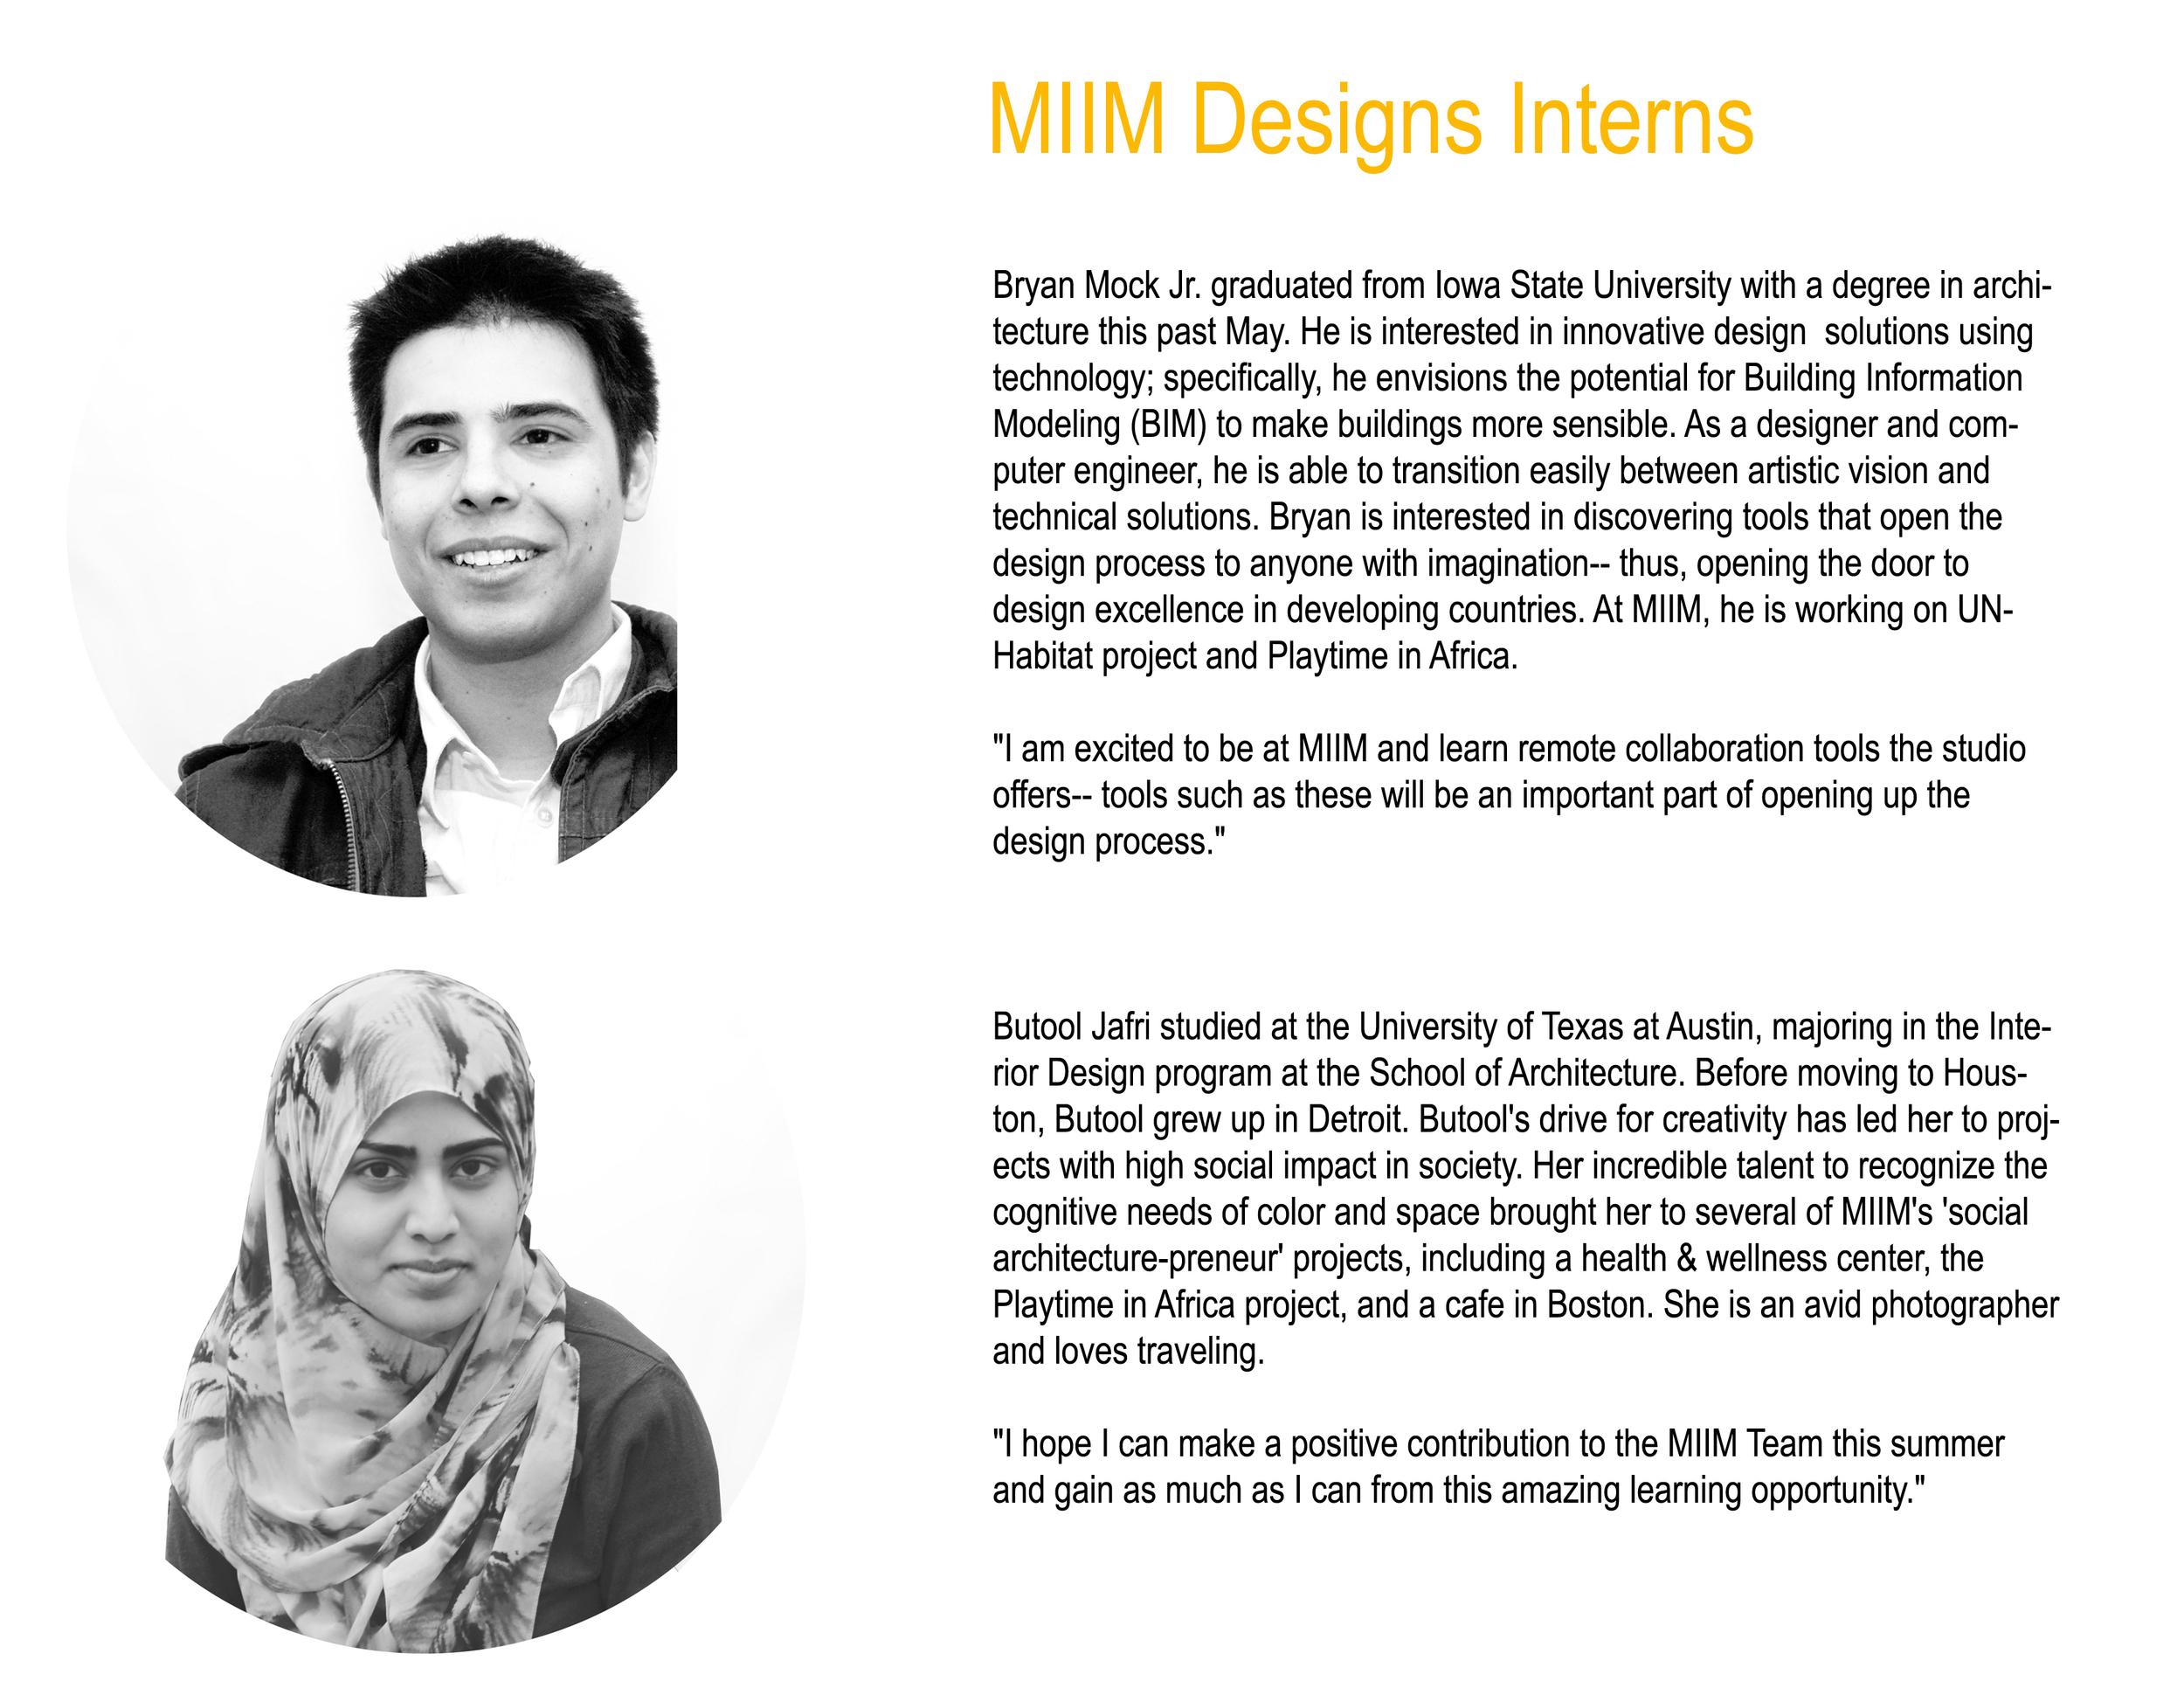 MIIM_Designs_Interns.jpg